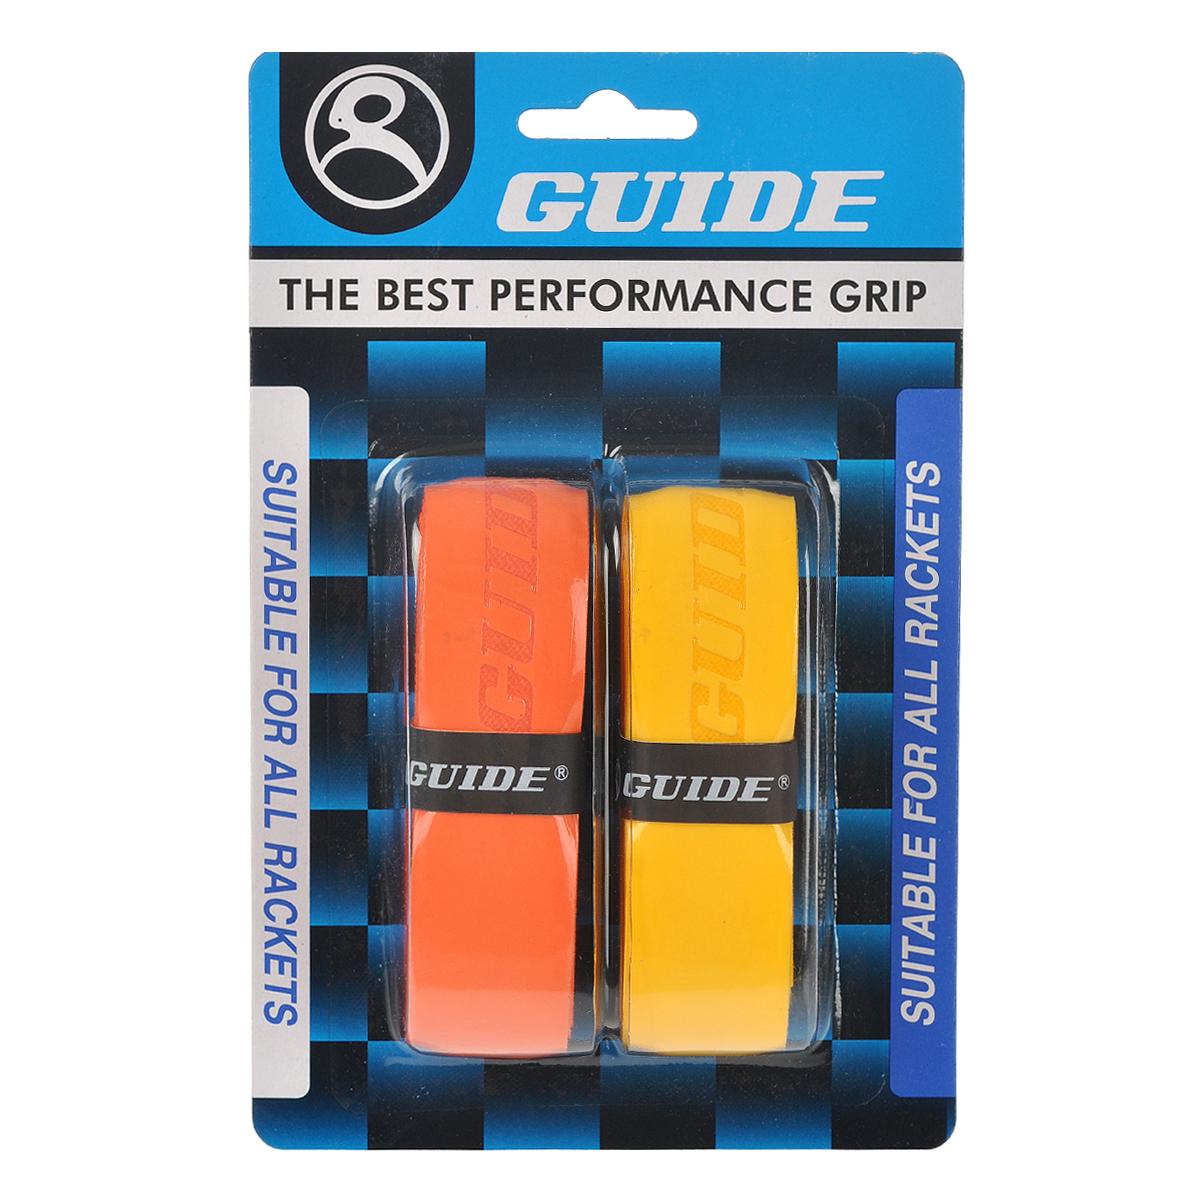 Обмотка для ракетки Guide Replacement Grip, цвет: оранжевый, желтый, 2 шт ( 350-OY #HC-SP3N or-ye )